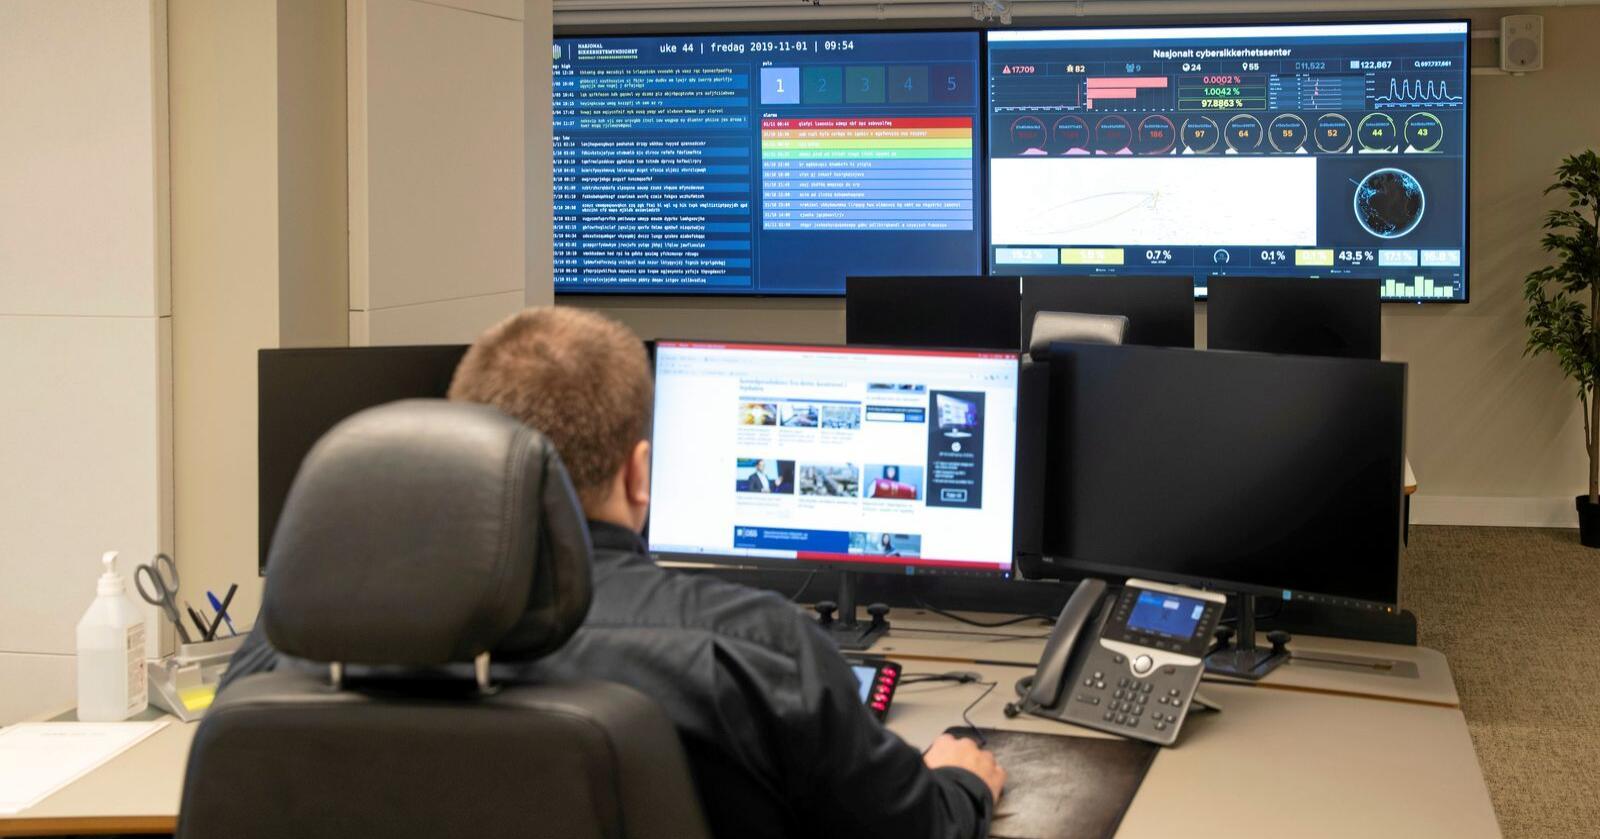 Hybride trusler: Interiørbilder av operasjonssenter under åpningen av NSM Nasjonalt cybersikkerhetssenter. Foto: Terje Bendiksby/NTB scanpix